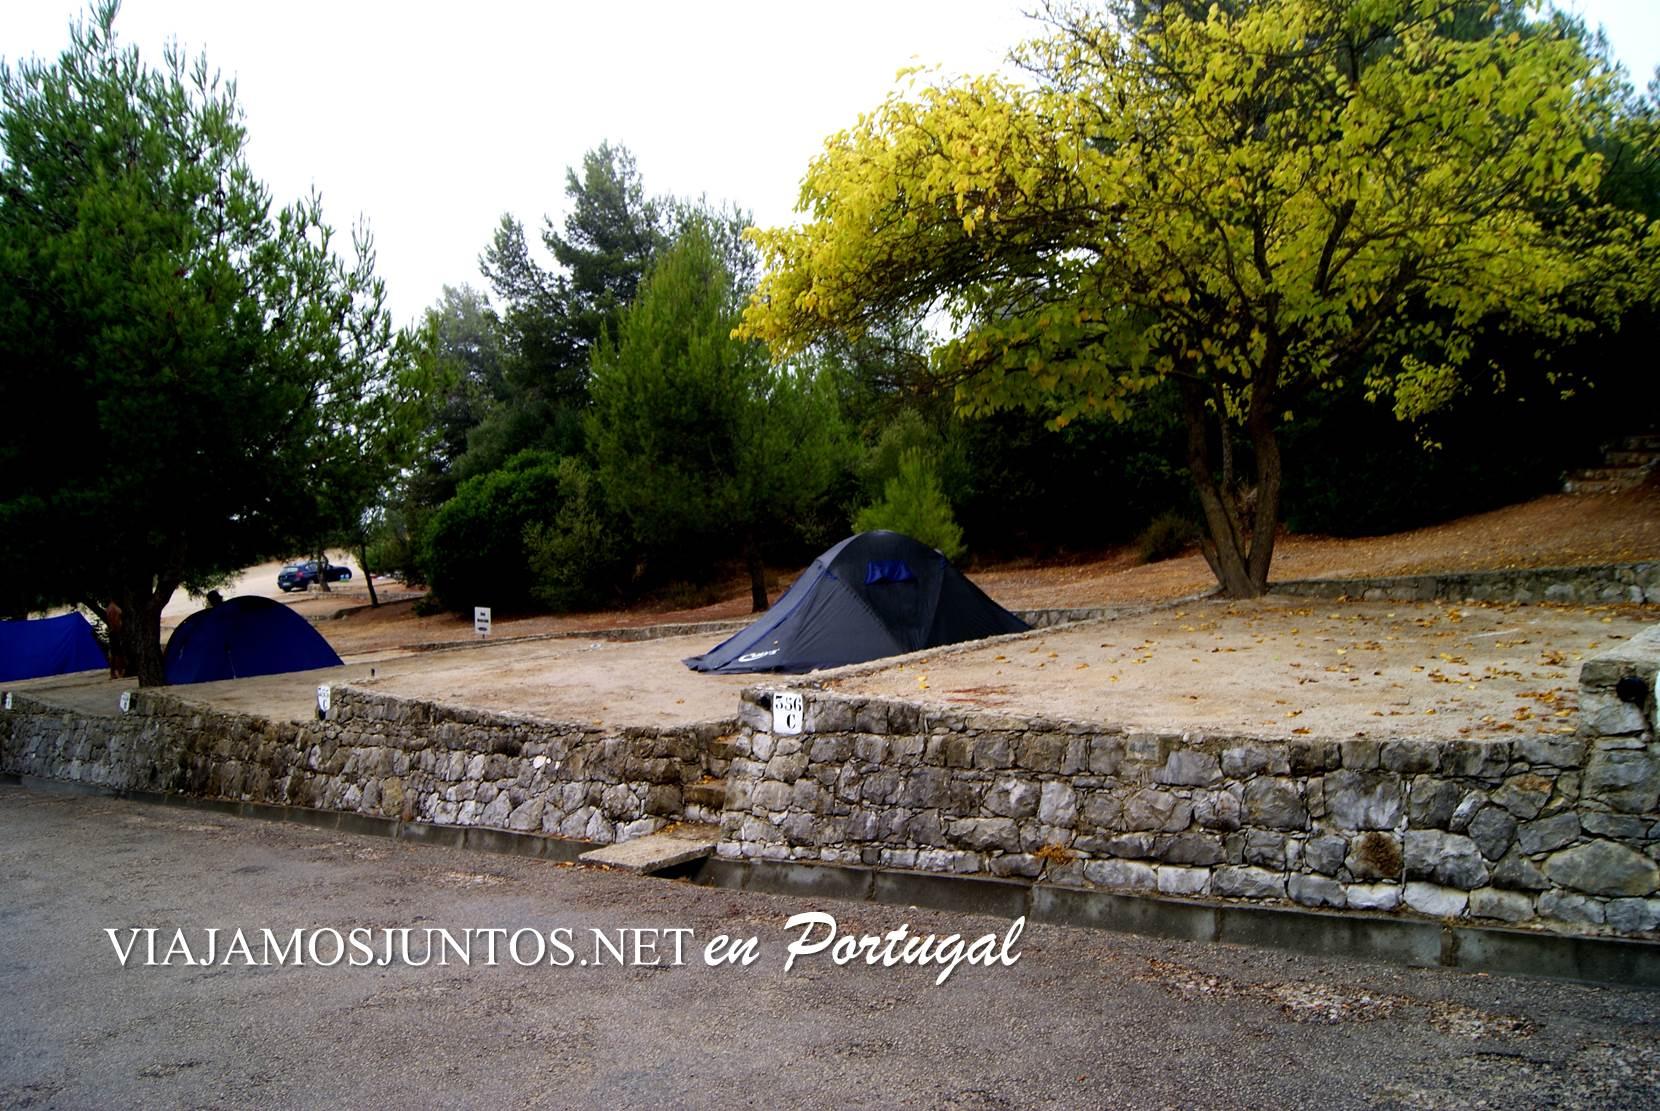 Camping de Sesimbra, Portugal